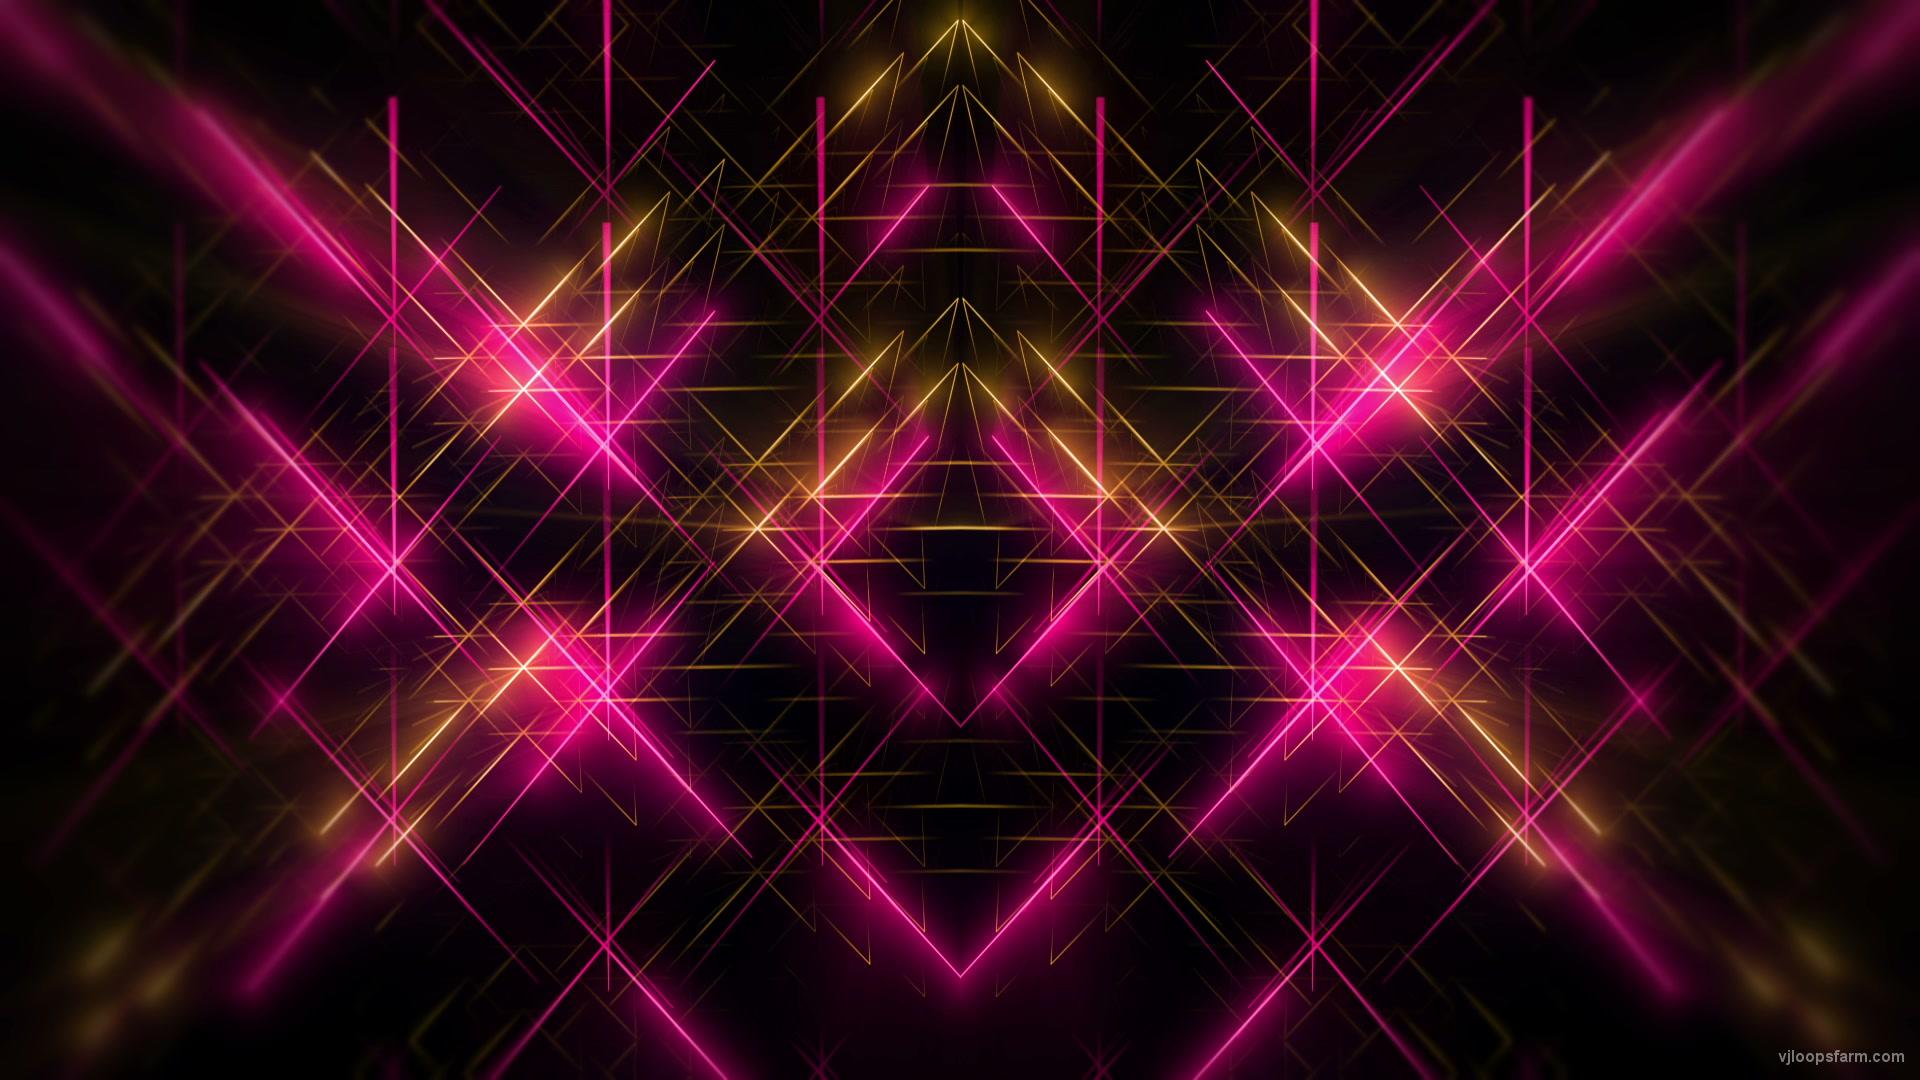 soft lines pink_1920x1080_60fps_vjloop_limeart_005 vj loops farm